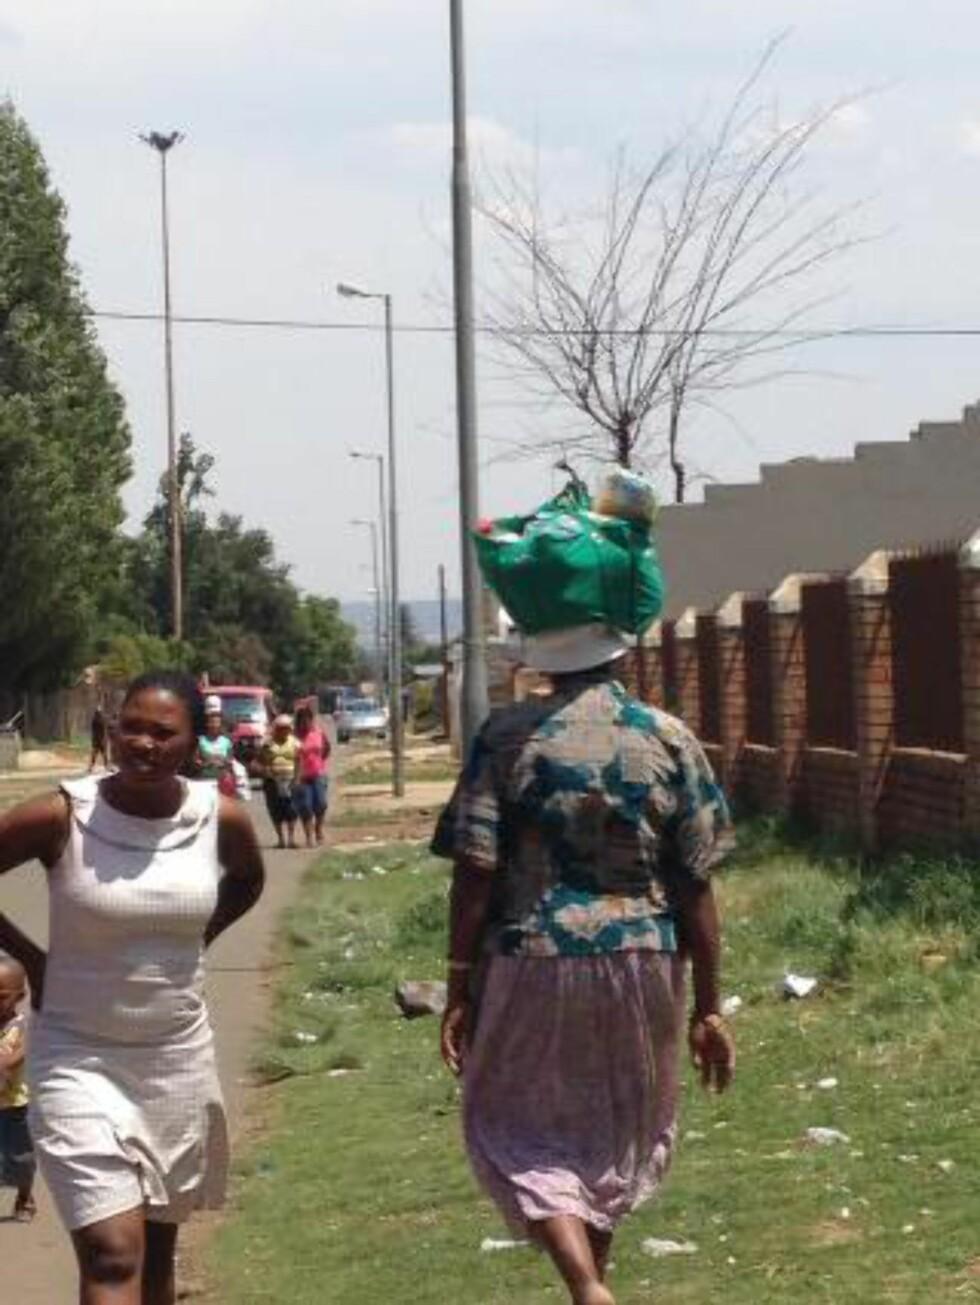 HANDLETUR: Kvinner bærer tunge kurver med innkjøpet på hodet. Foto: MIRIAM KEILBACH